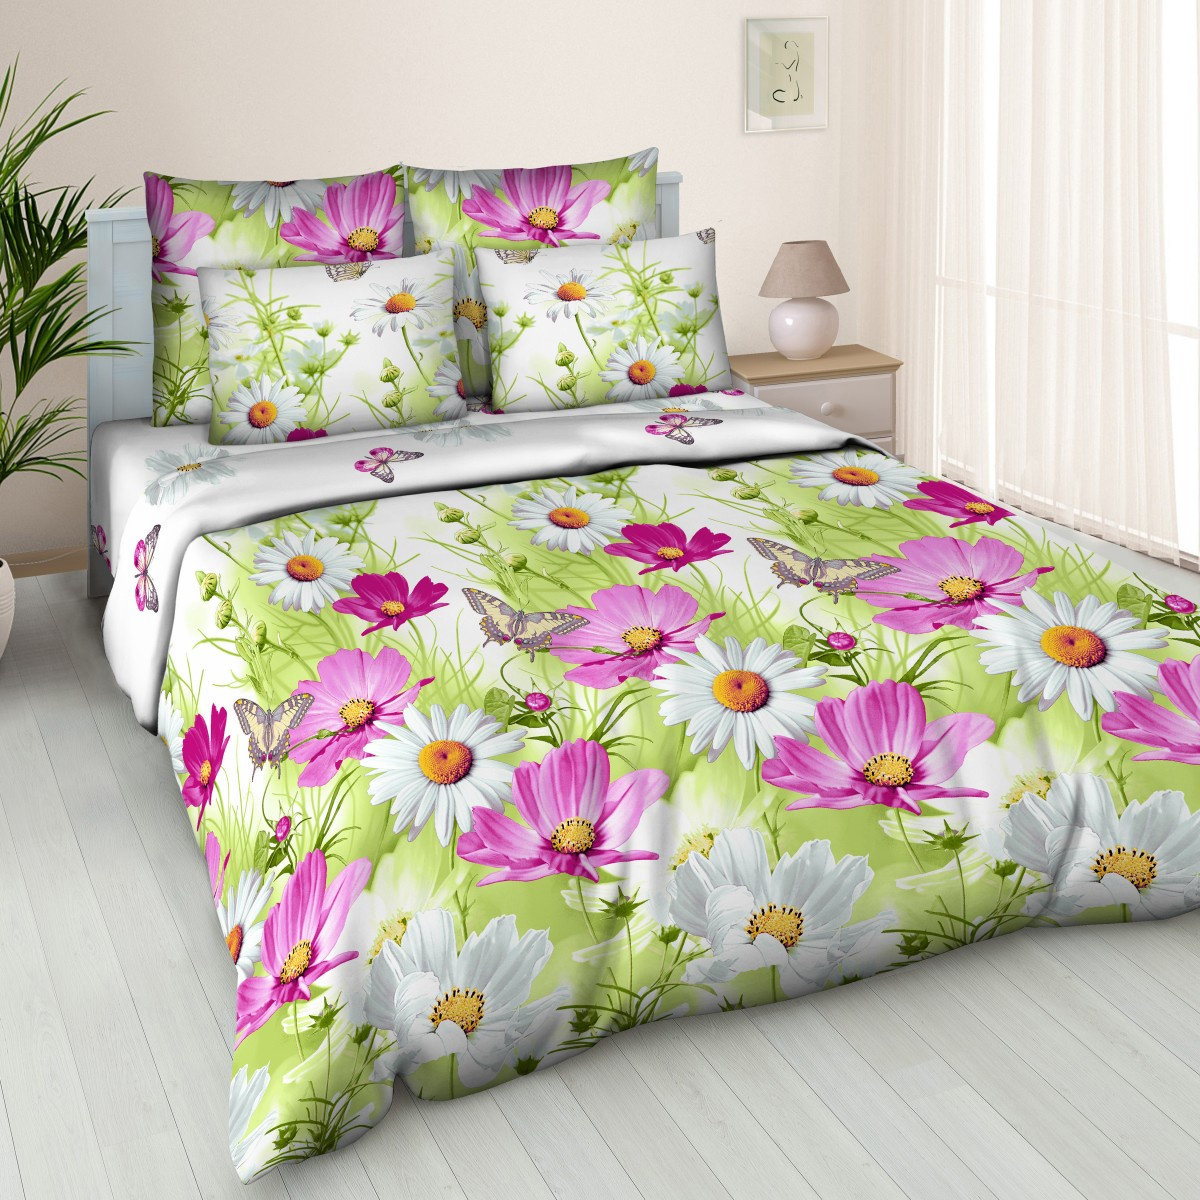 Комплект постельного белья BUTTERFLY поплин (ПК1) рис.4563/1, 1,5-спальный